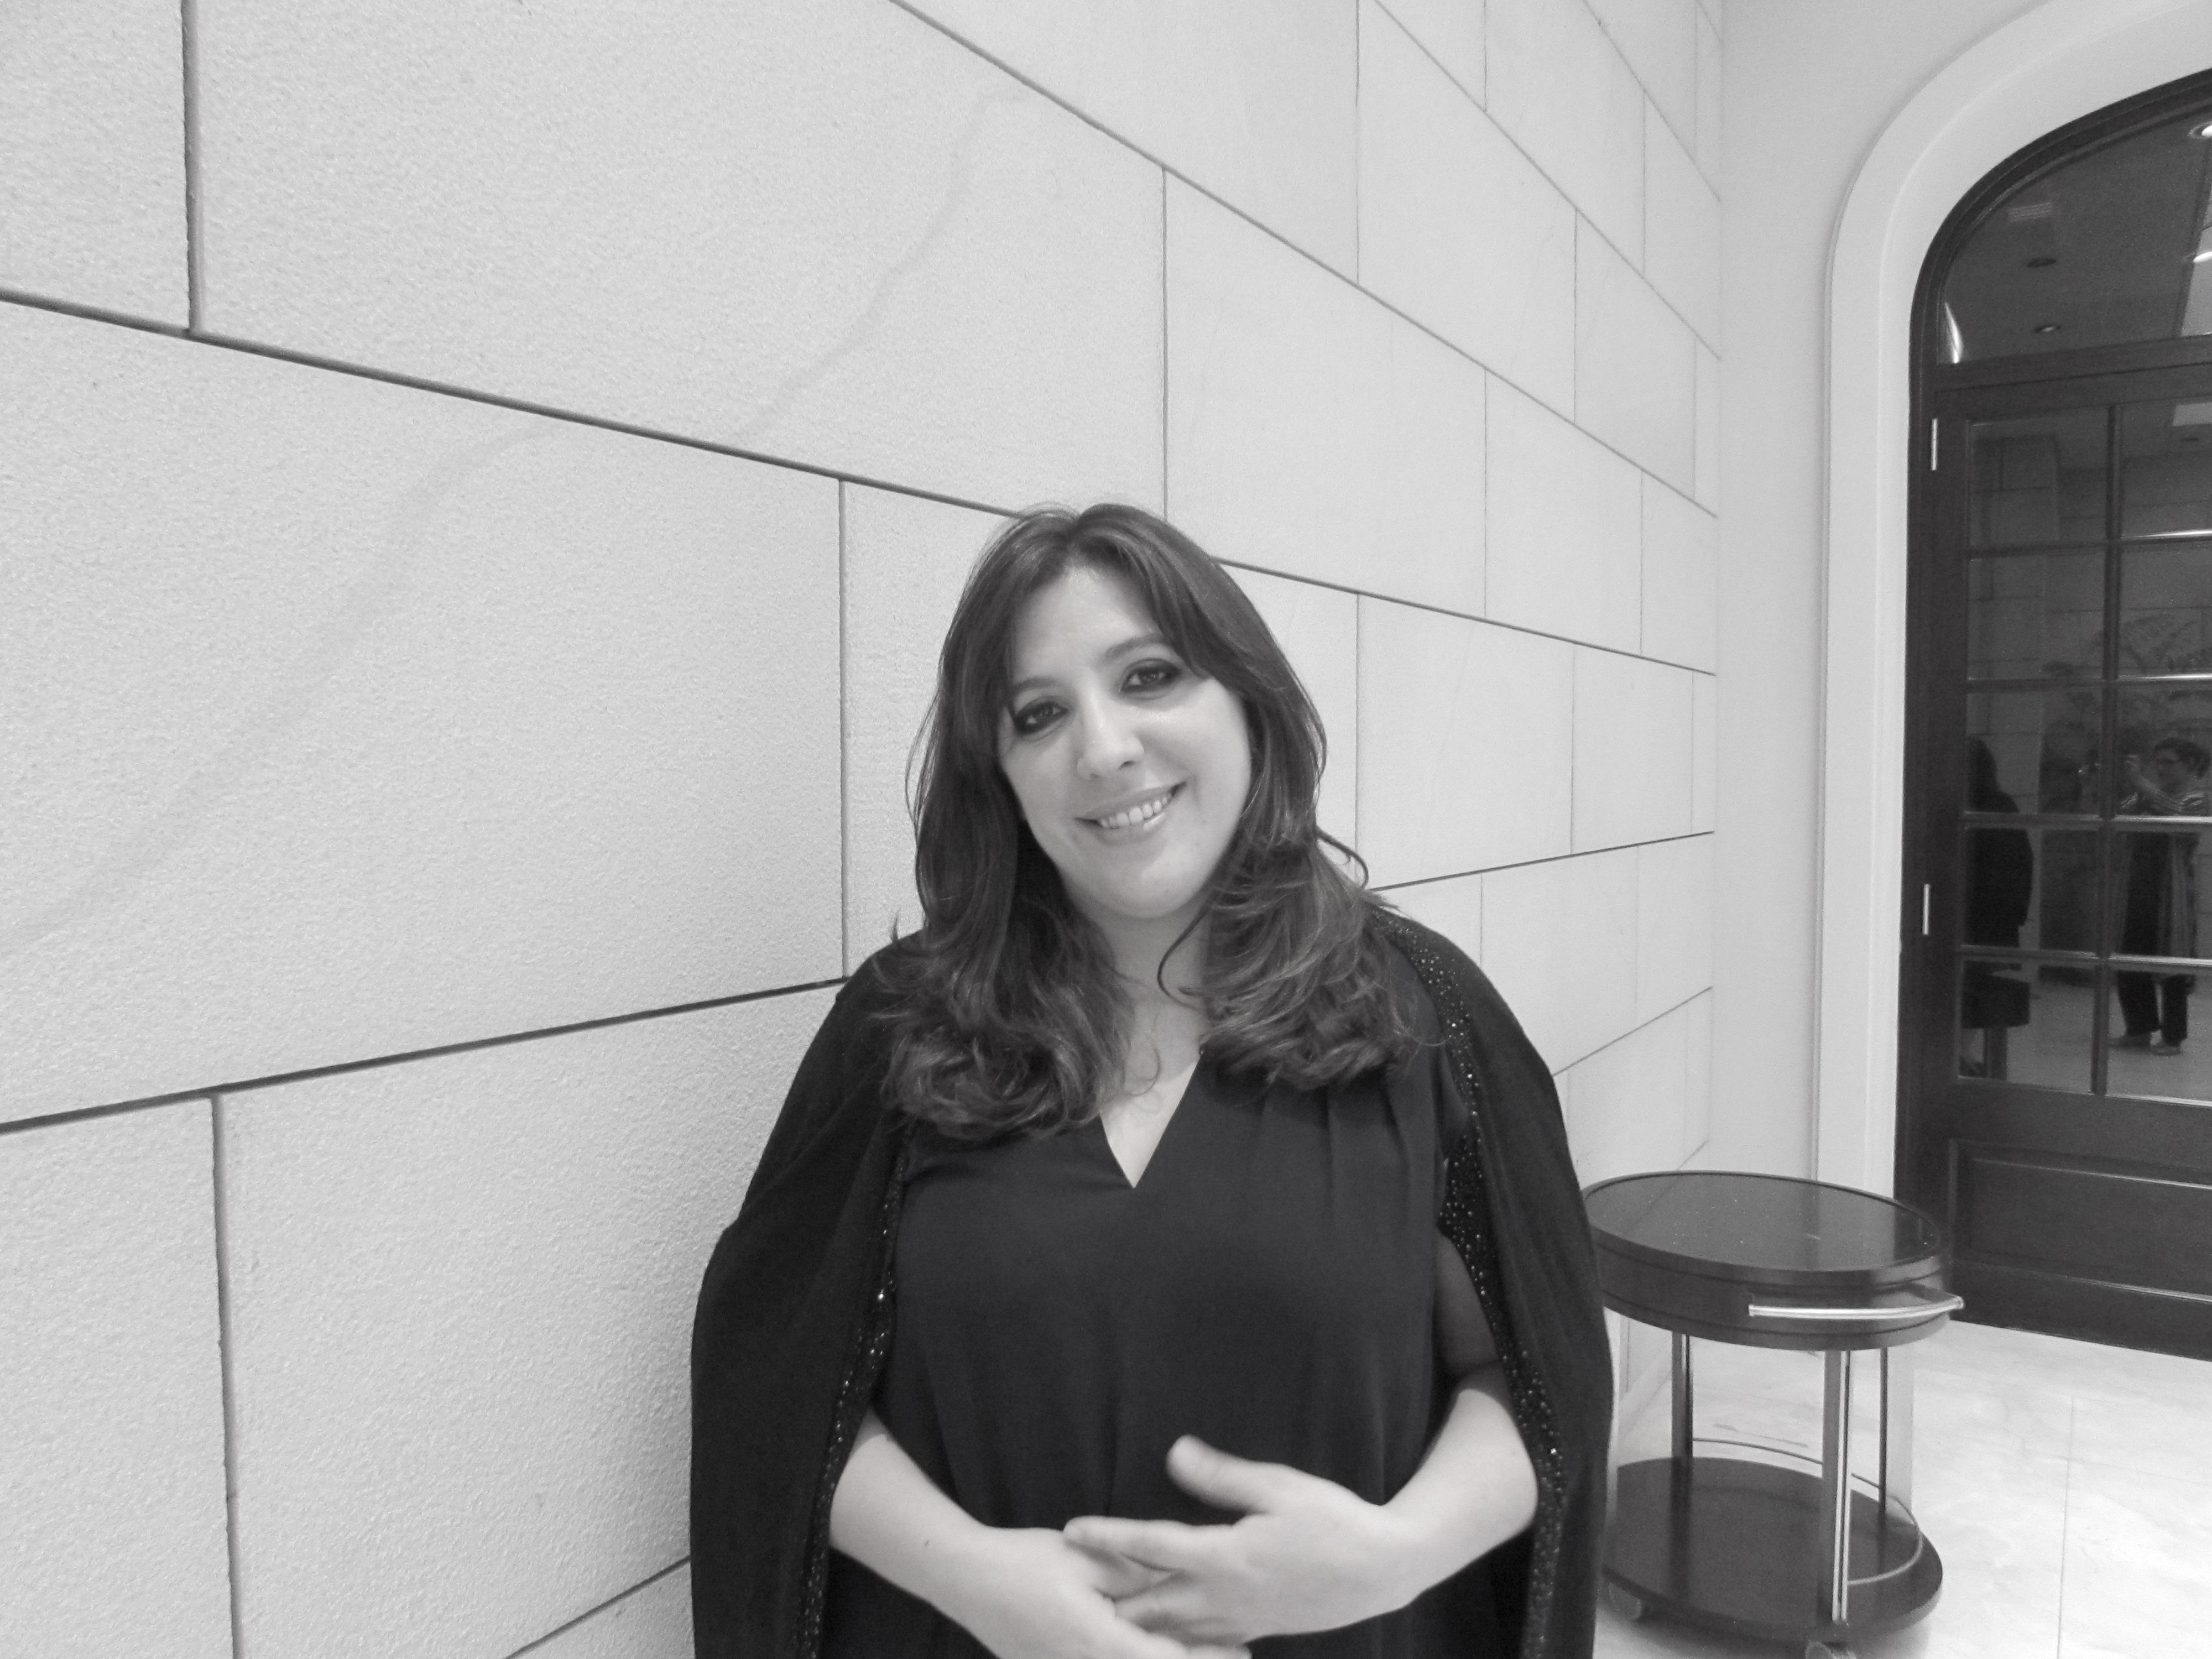 Cristina Santa Cruz